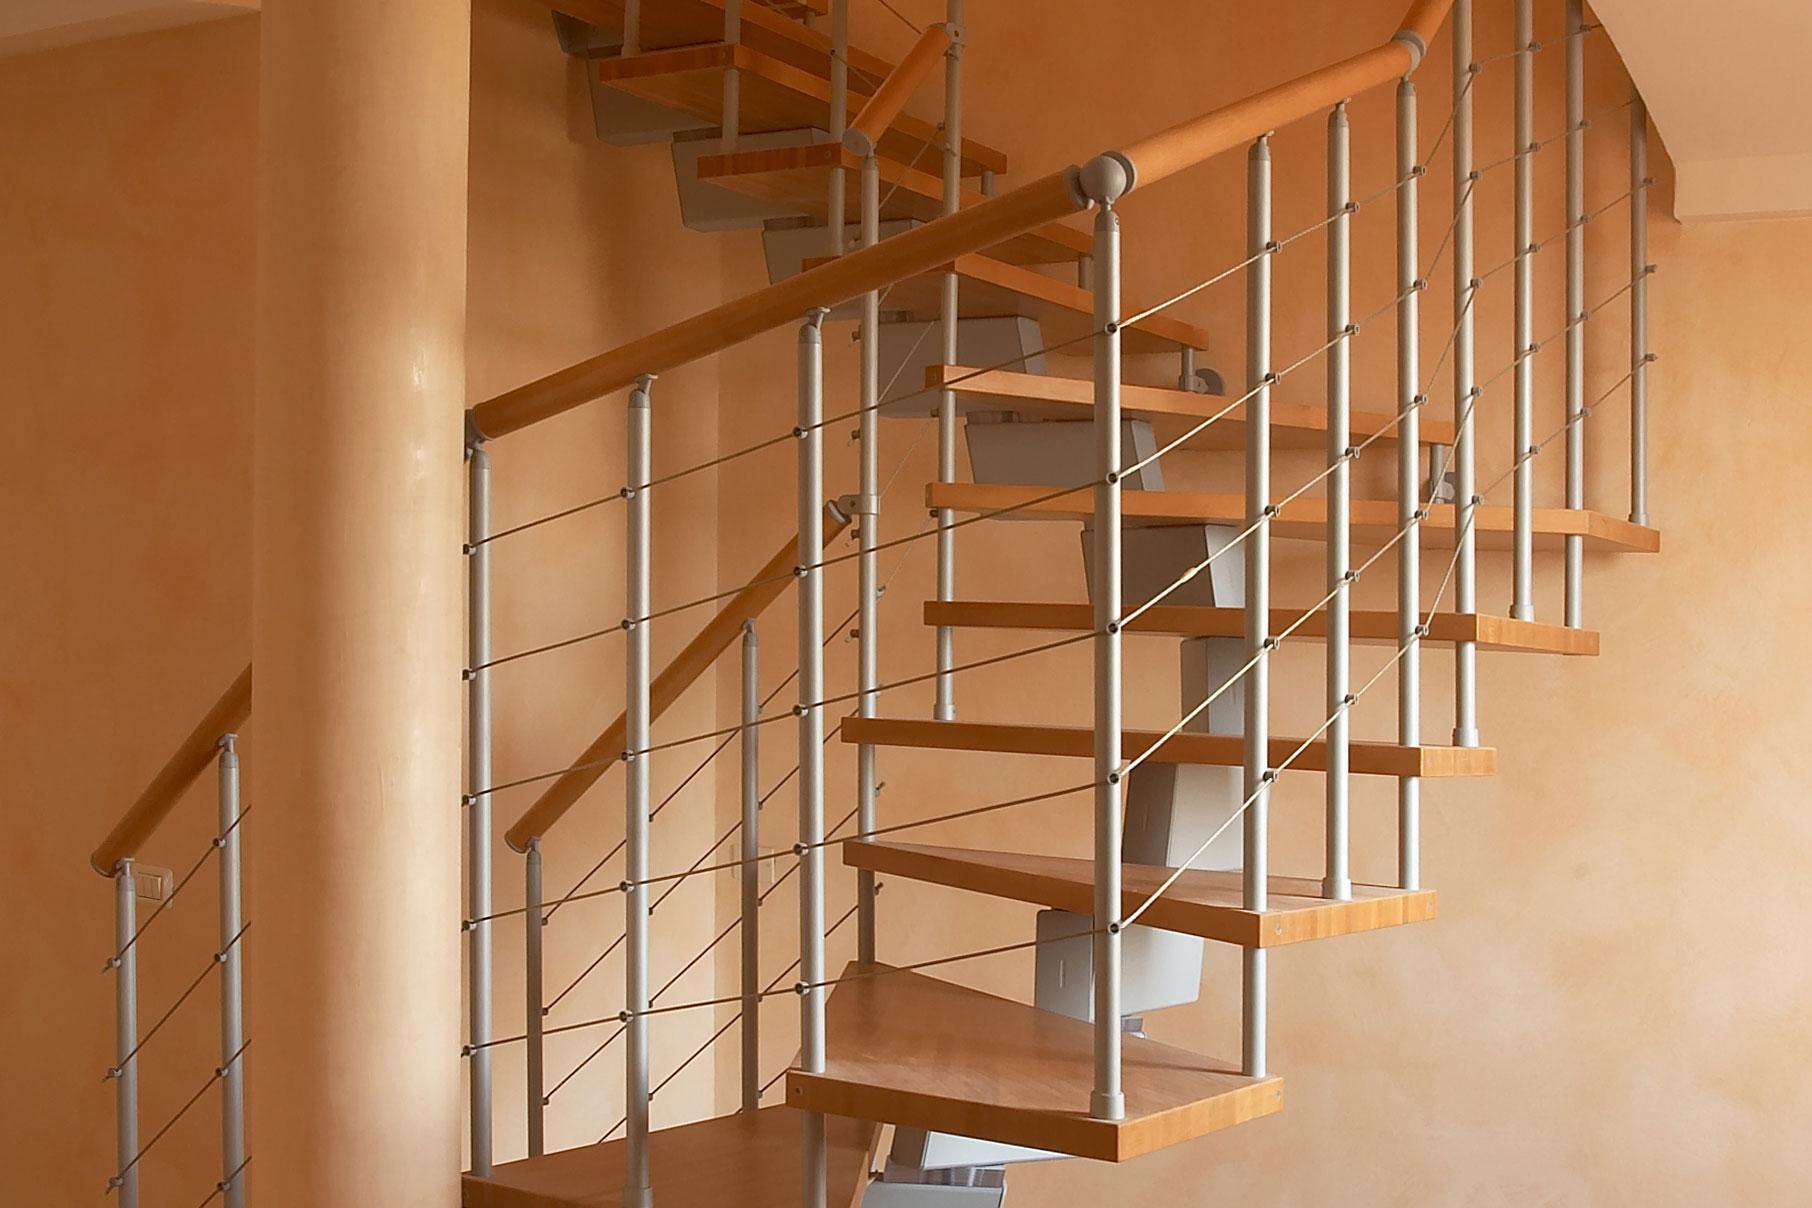 Vendita scale per interni su misura modena e provincia - Scale classiche per interni ...